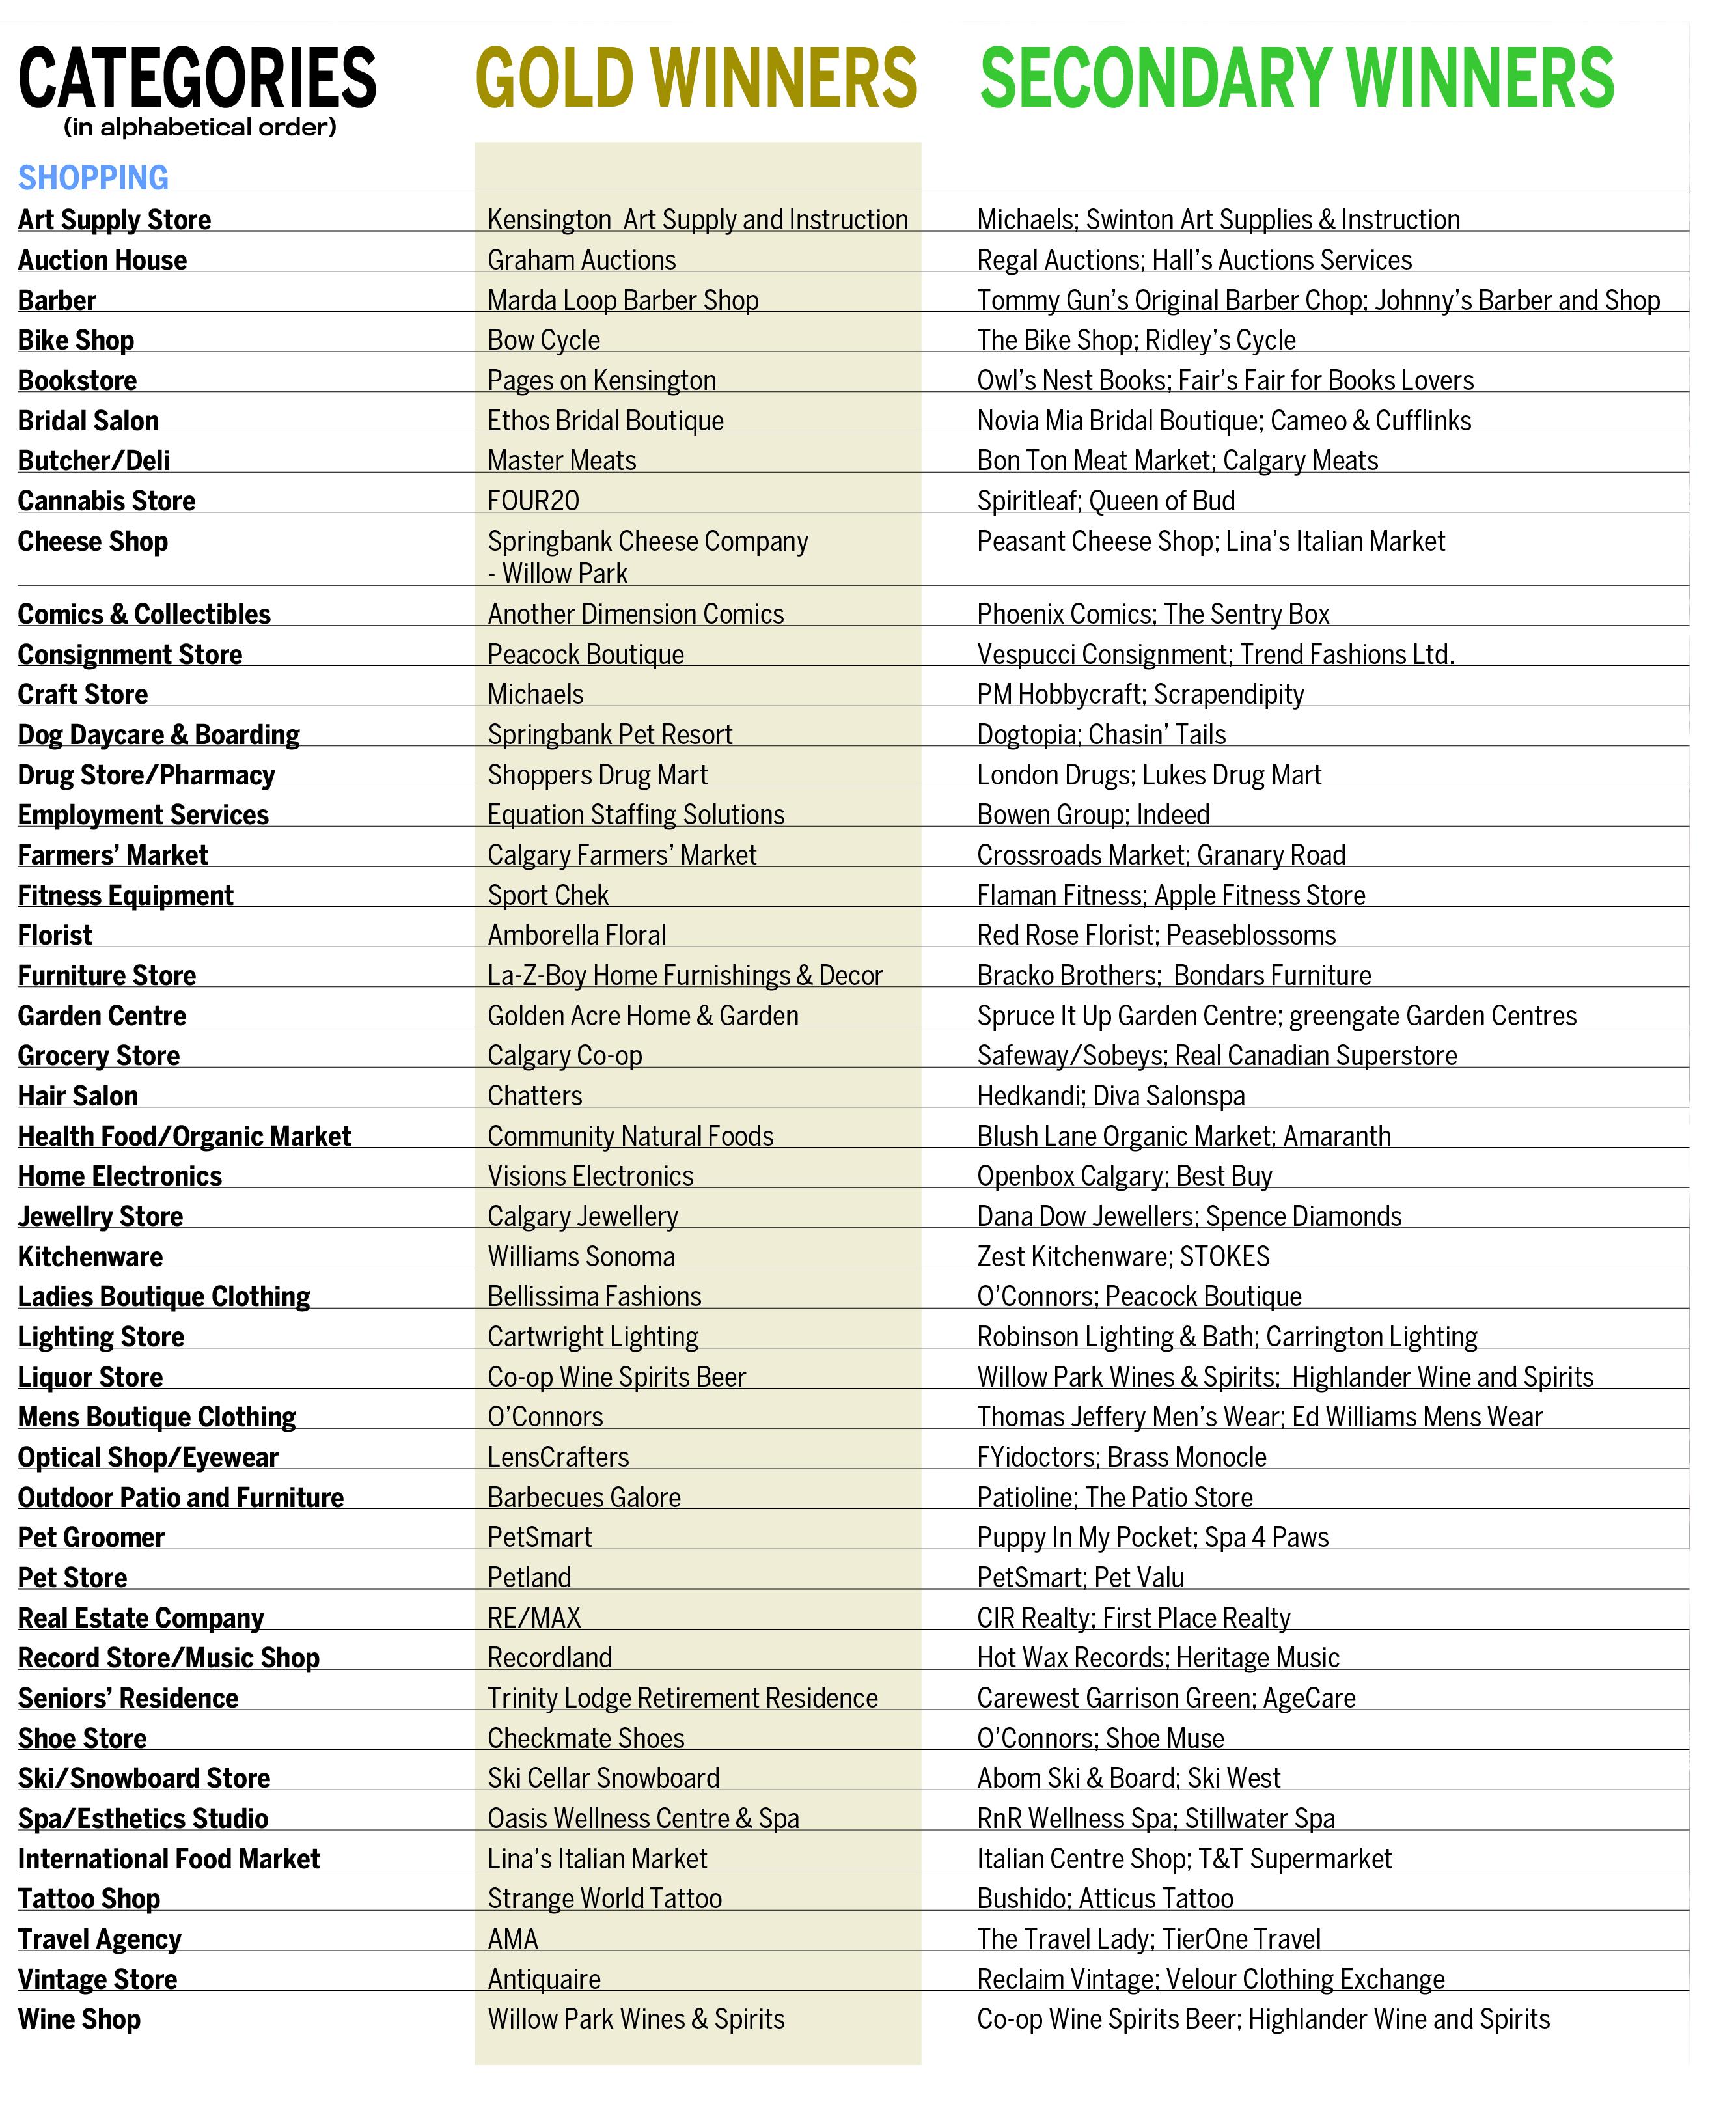 Shopping Winners List